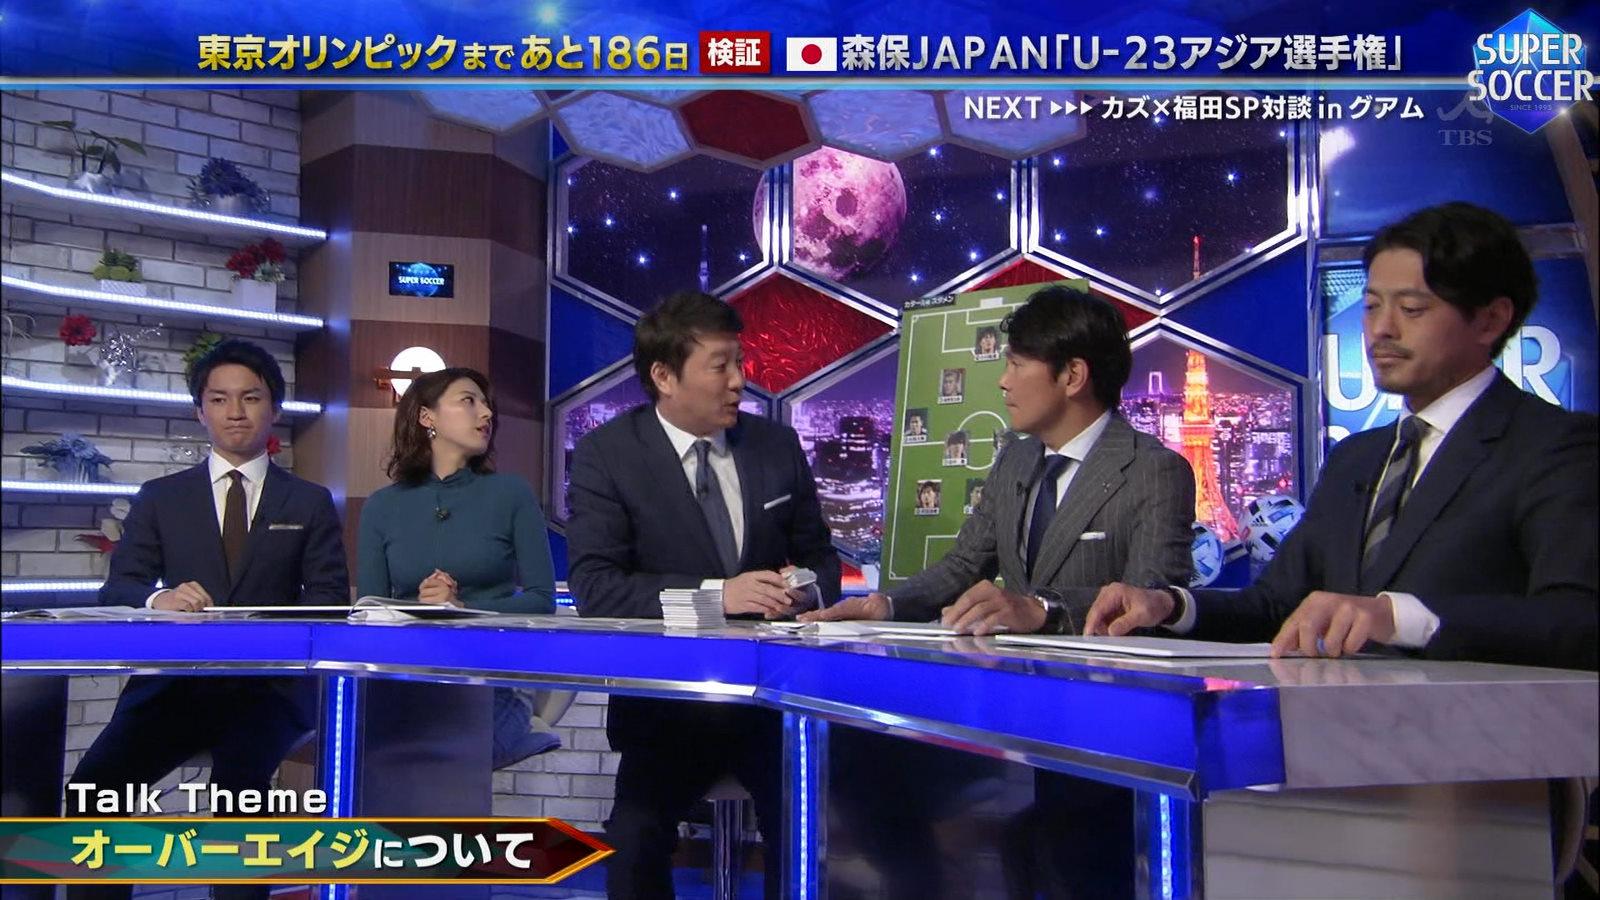 上村彩子_女子アナ_おっぱい_スーパーサッカー_10